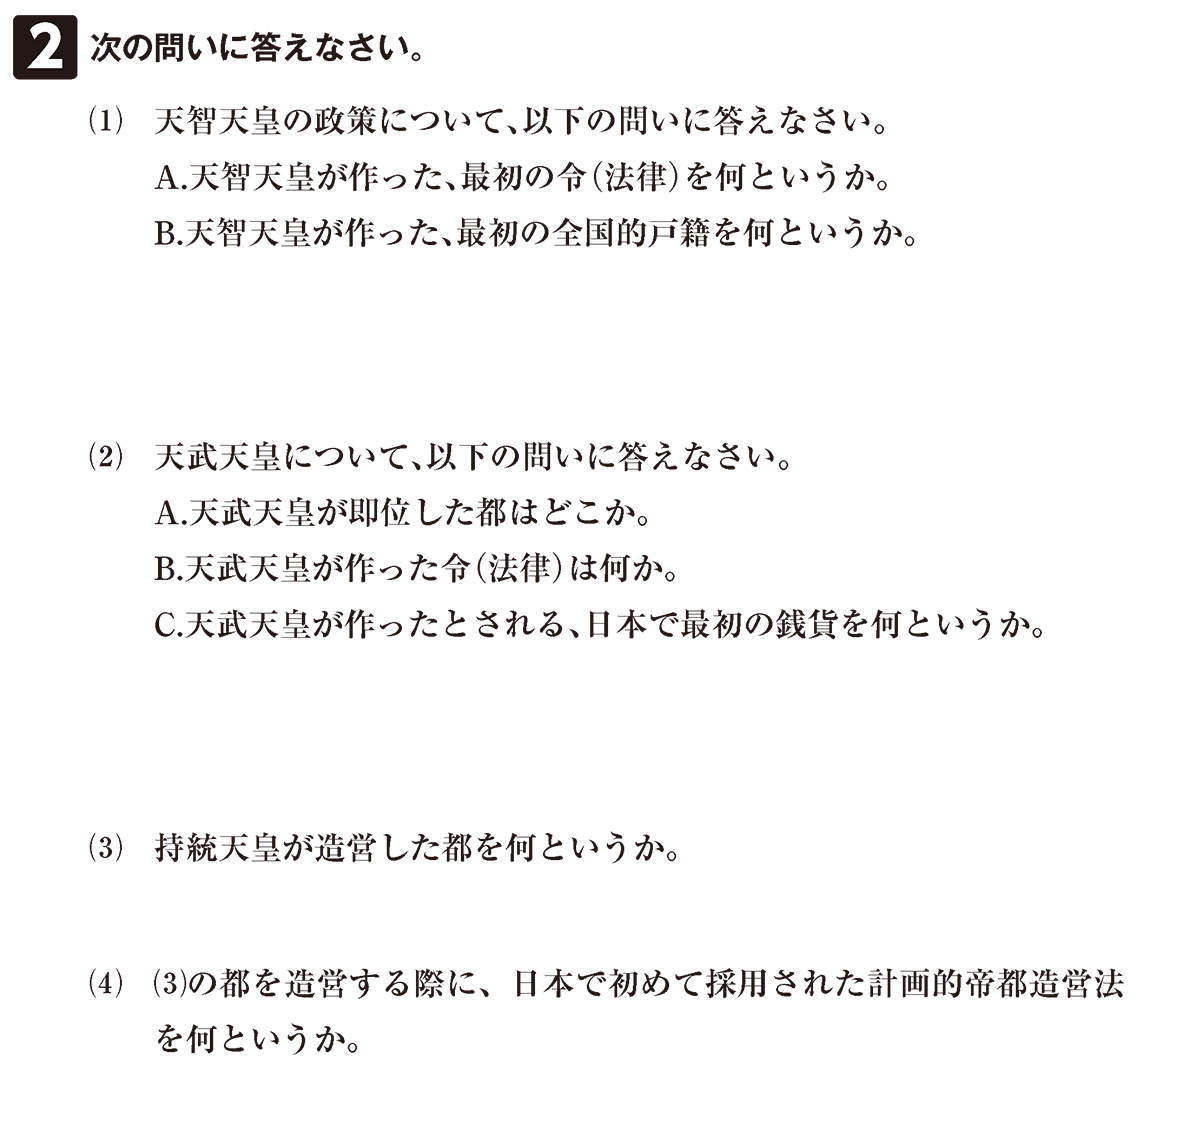 飛鳥時代6 問題2 問題